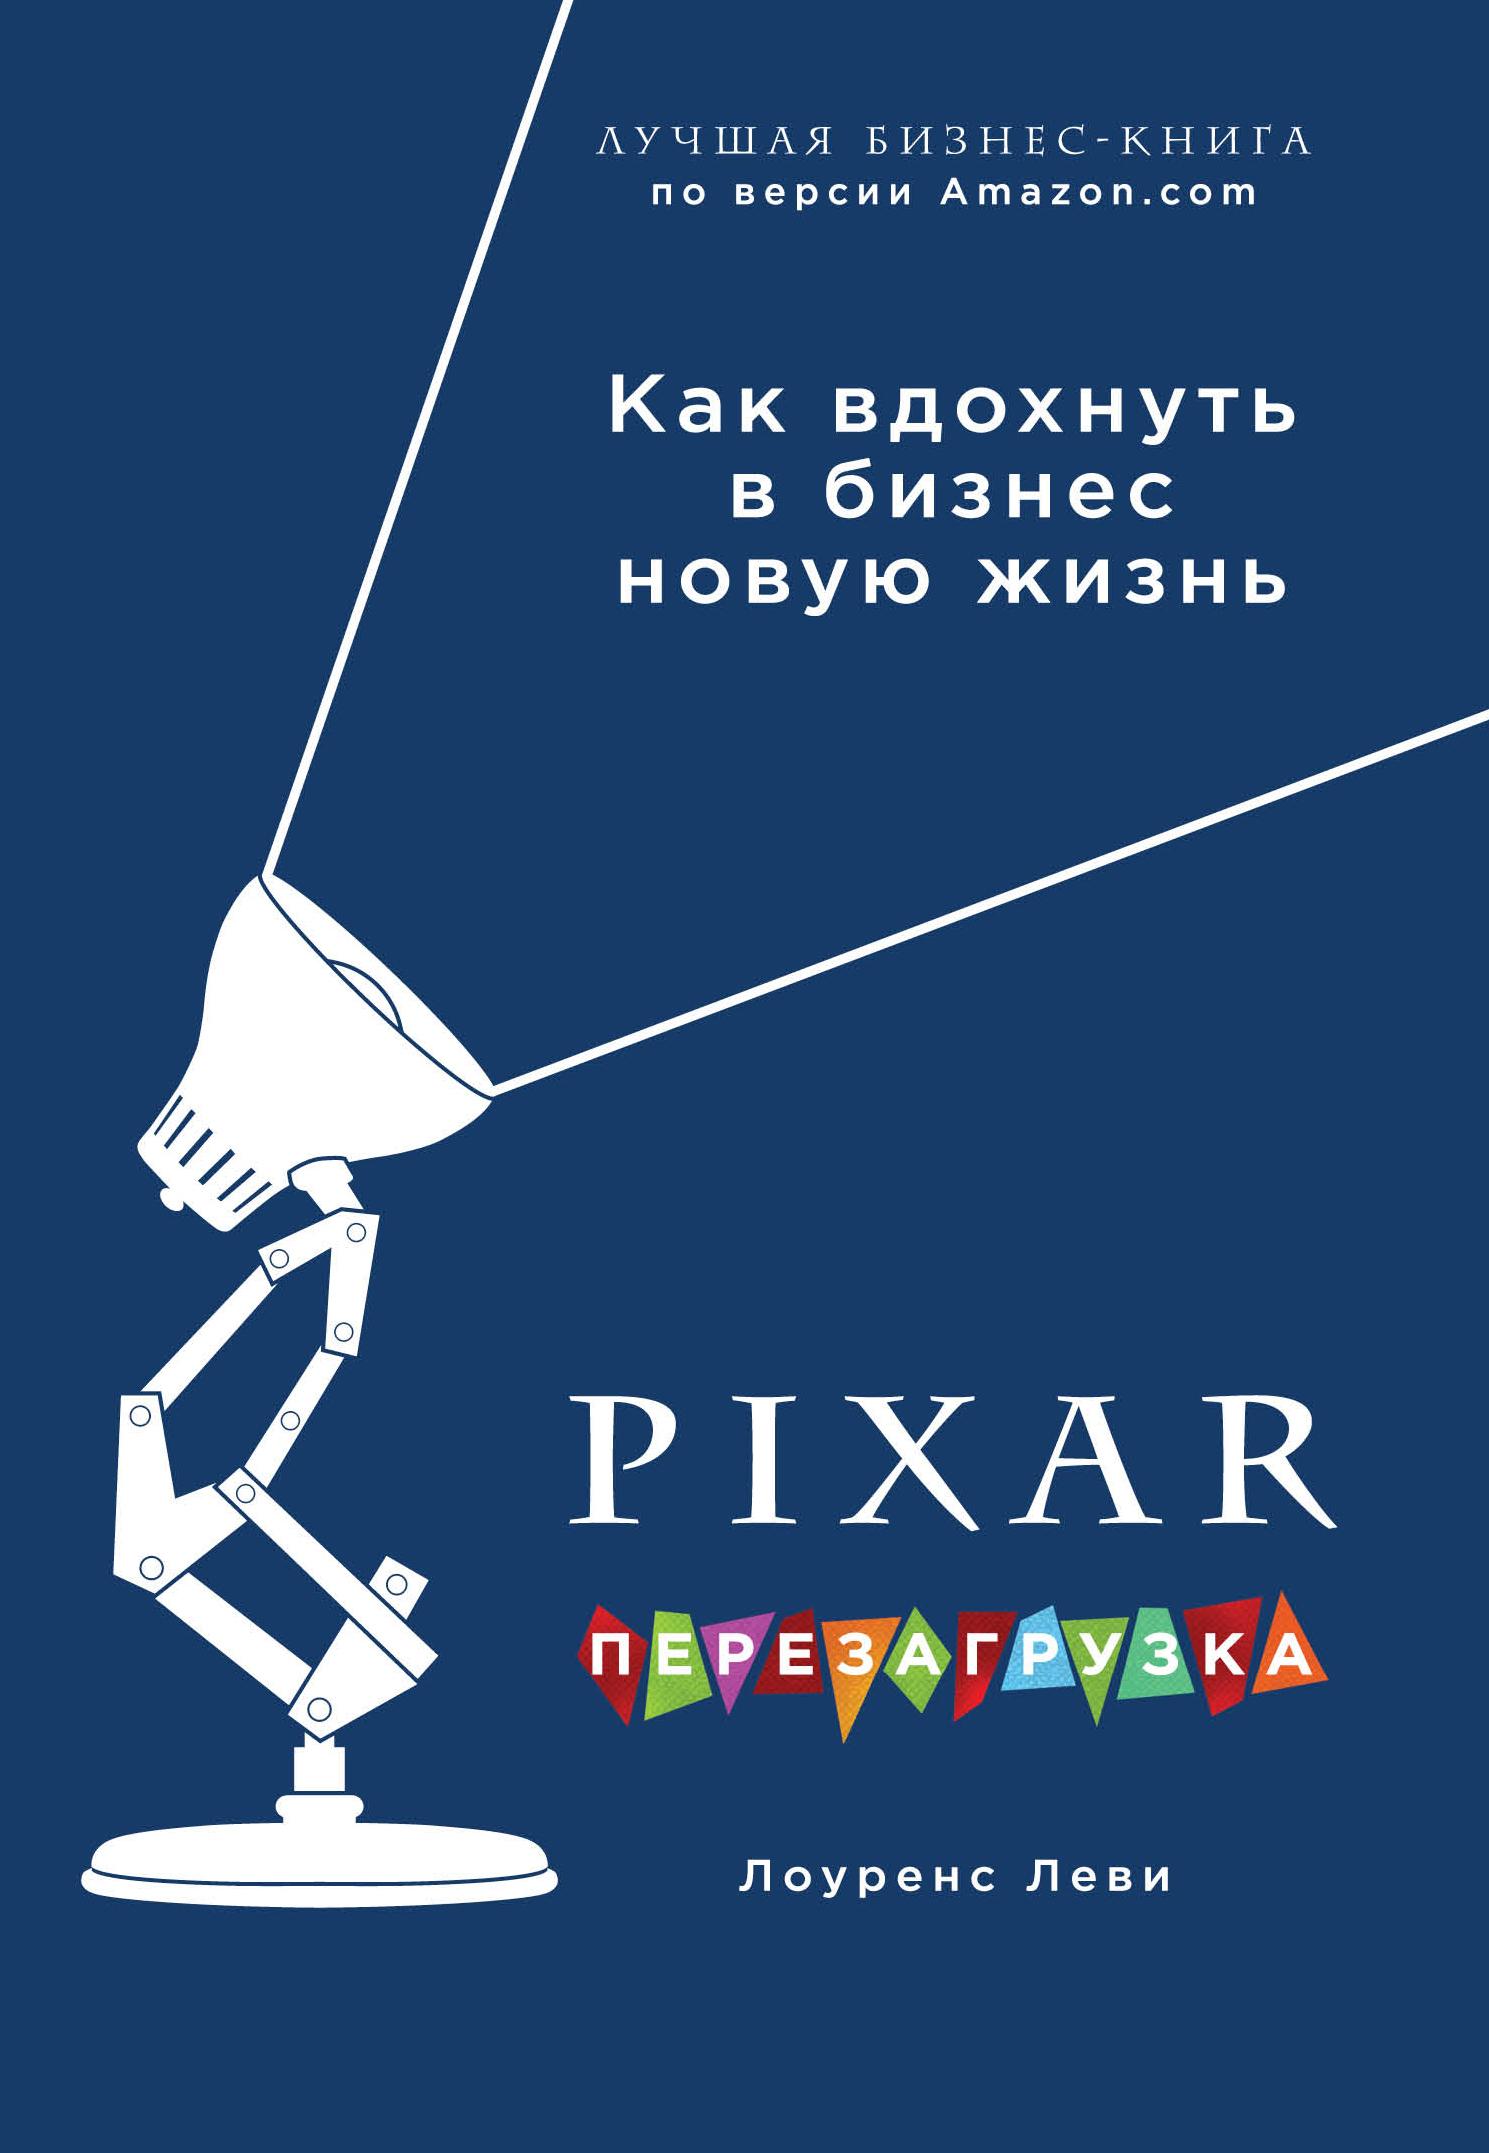 Книга PIXAR. Перезагрузка. Гениальная книга по антикризисному управлению